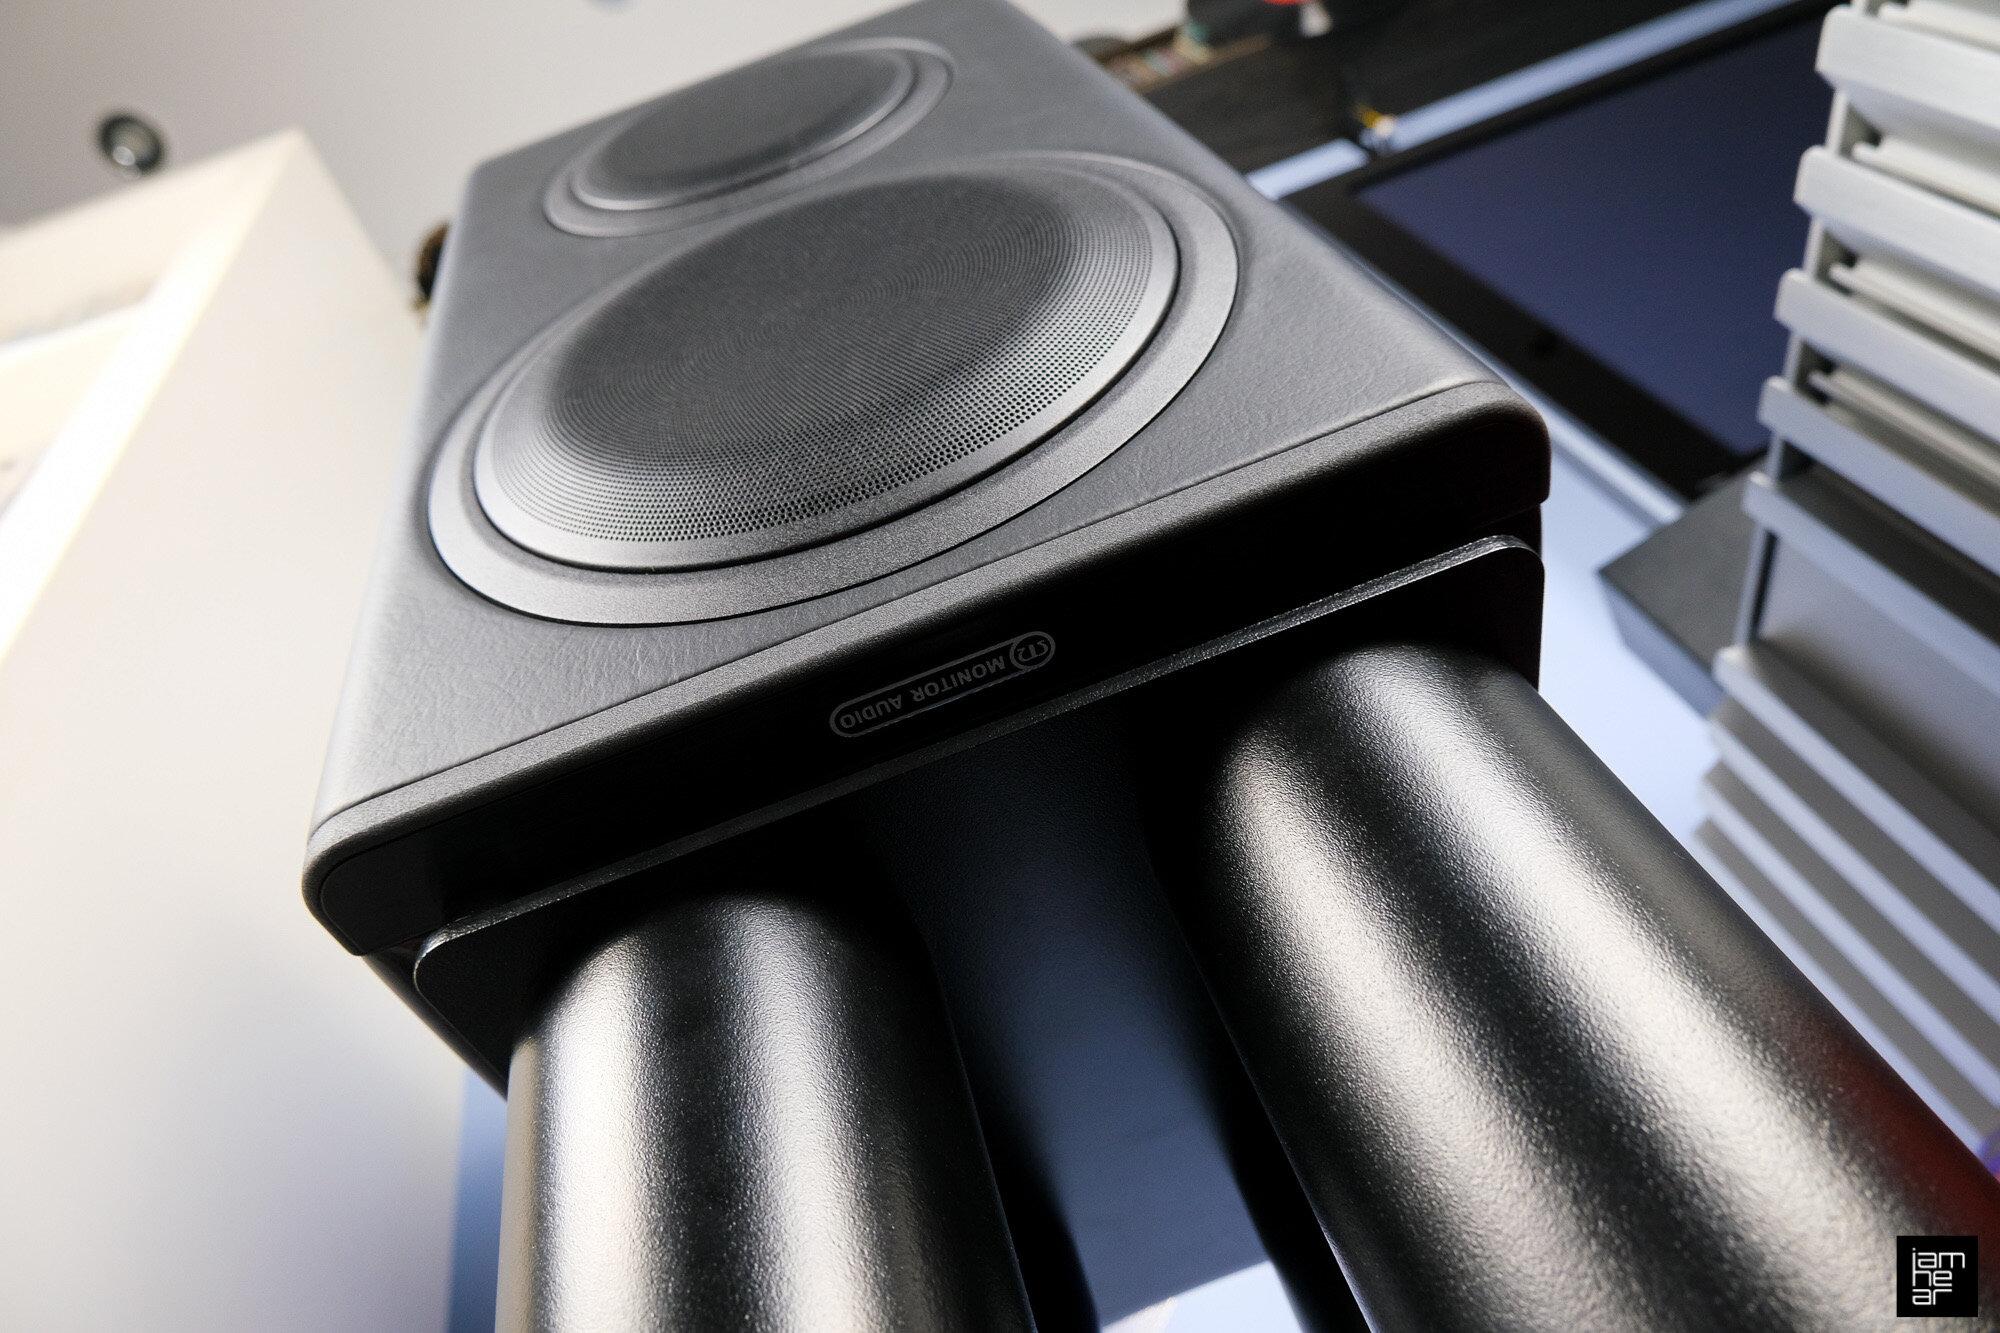 Здесь компромиссов нет: полочники Monitor Audio Platinum PL100 II иллюстрируют термин extremely